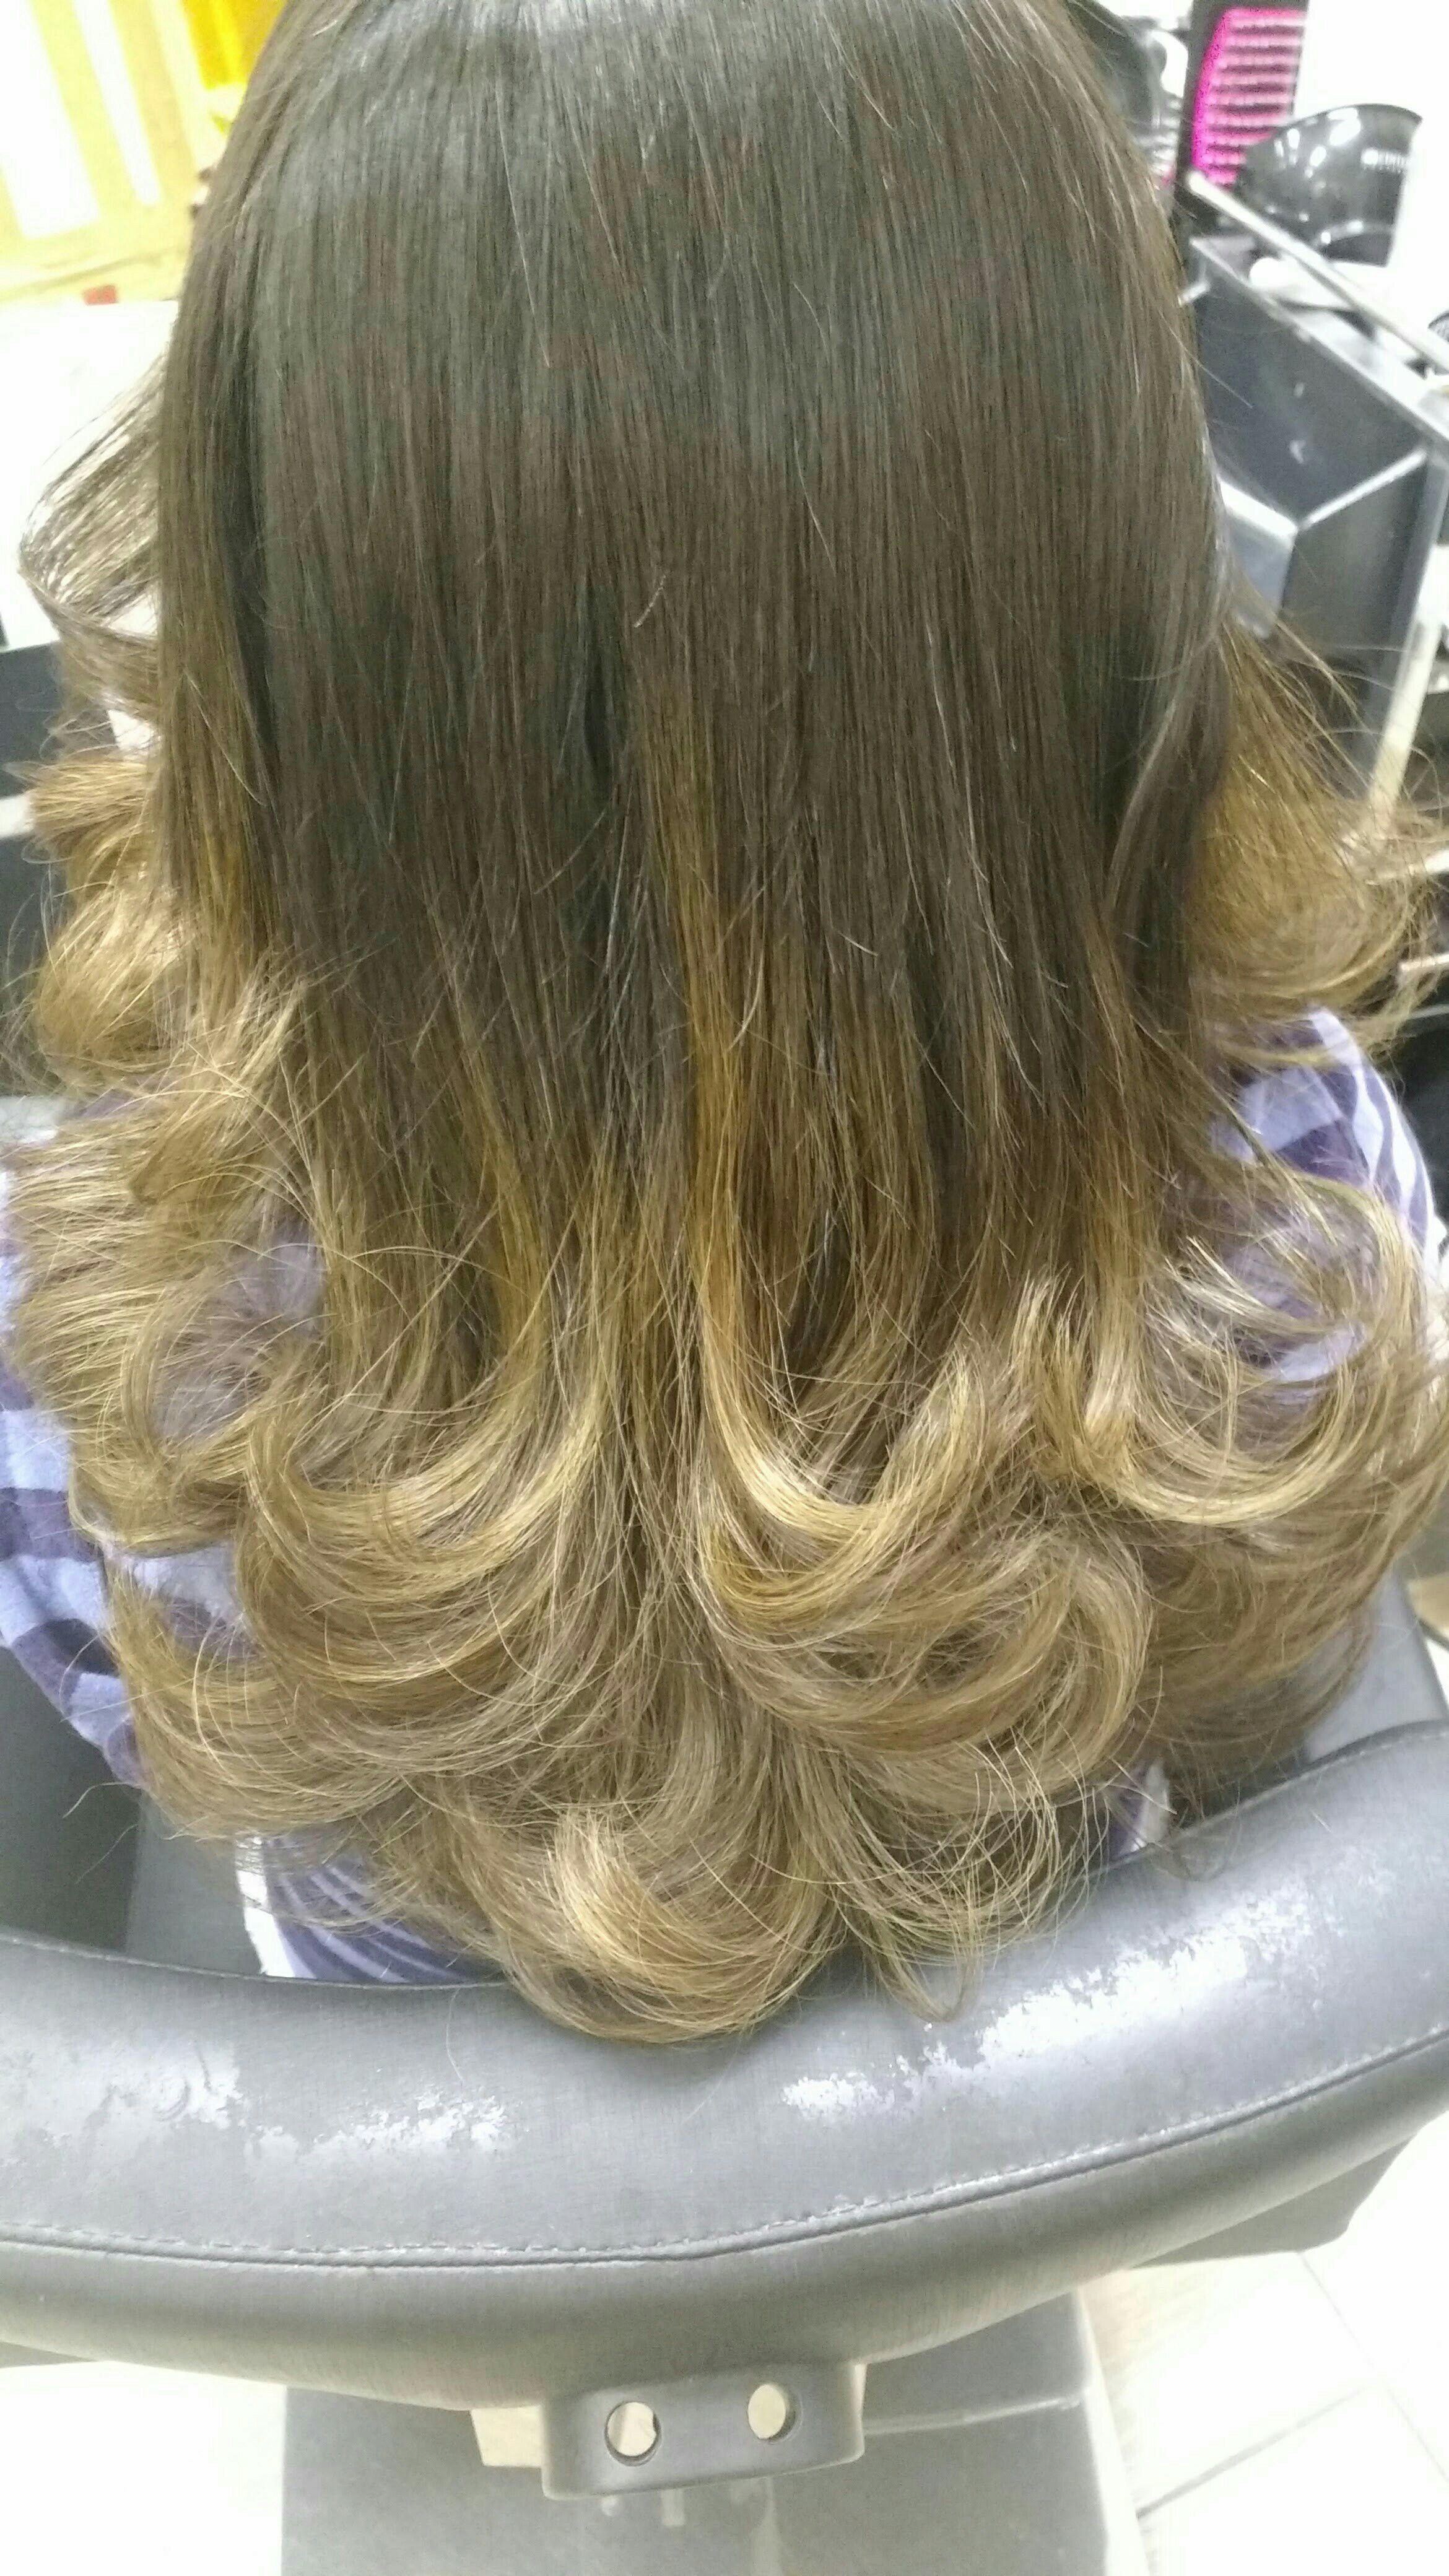 Corte e ombre cabeleireiro(a) cabeleireiro(a)